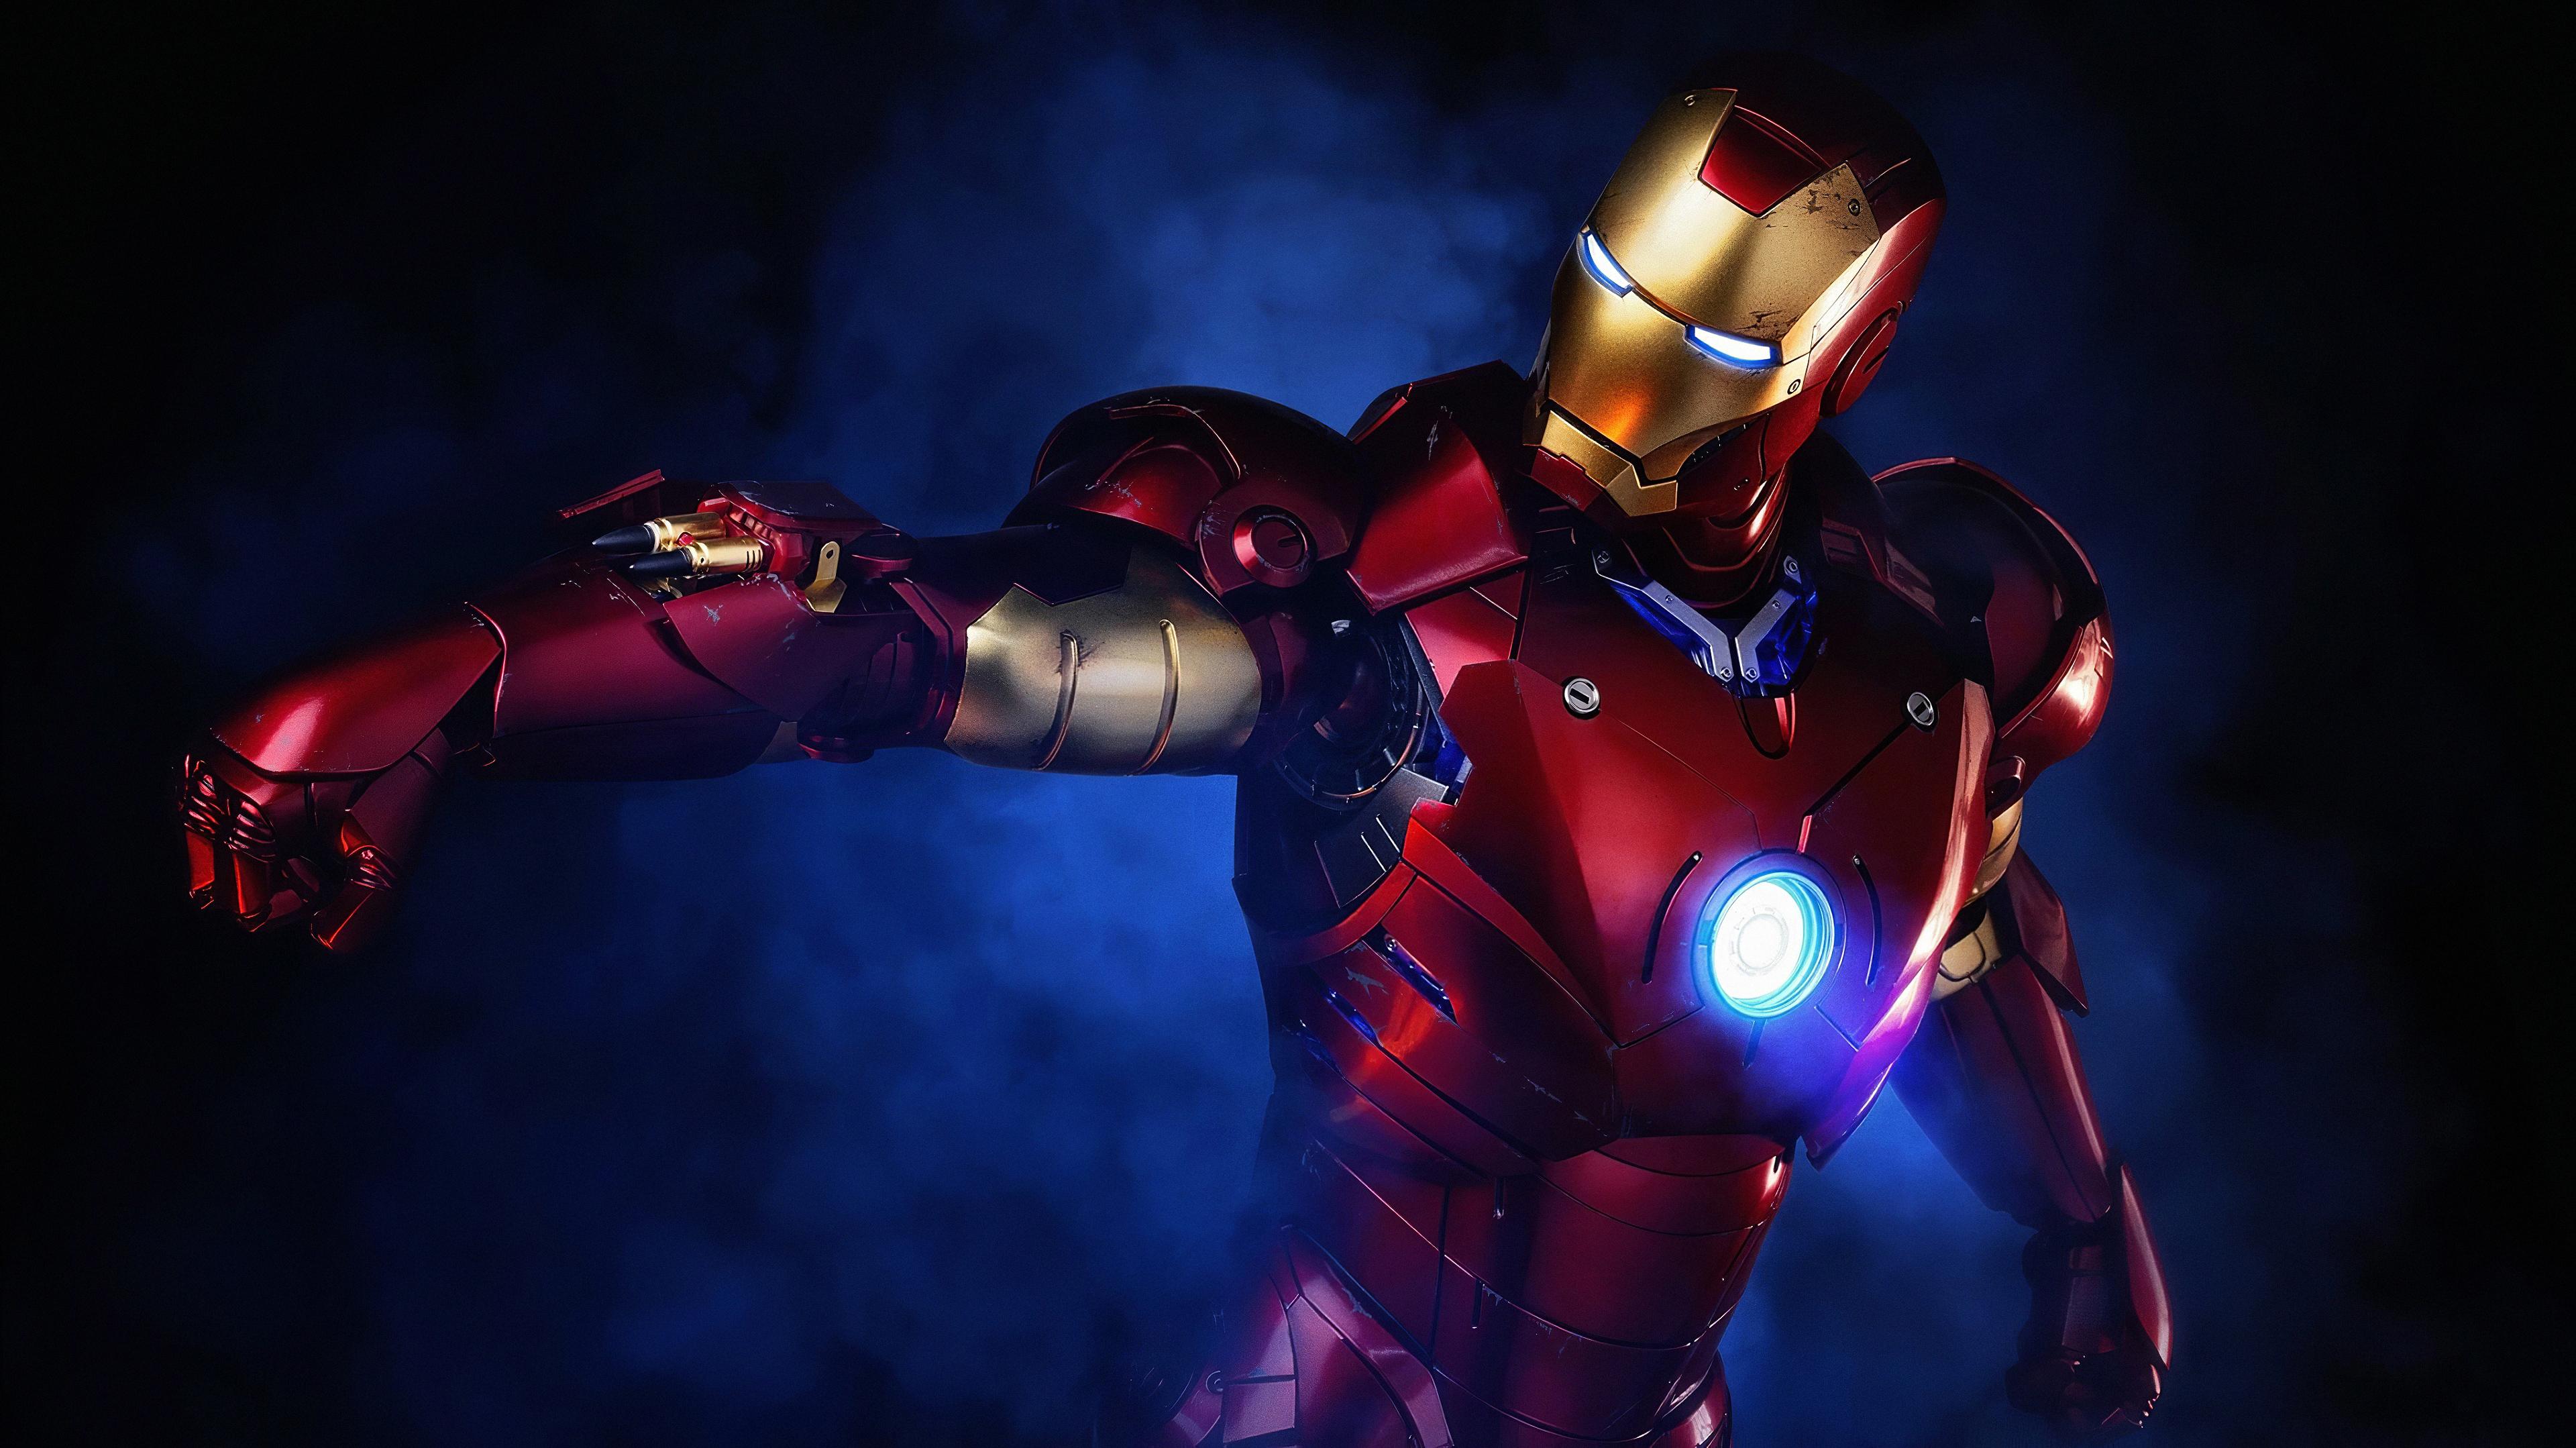 iron man artwork 1576090686 - Iron Man Artwork - iron man wallpaper hd 4k